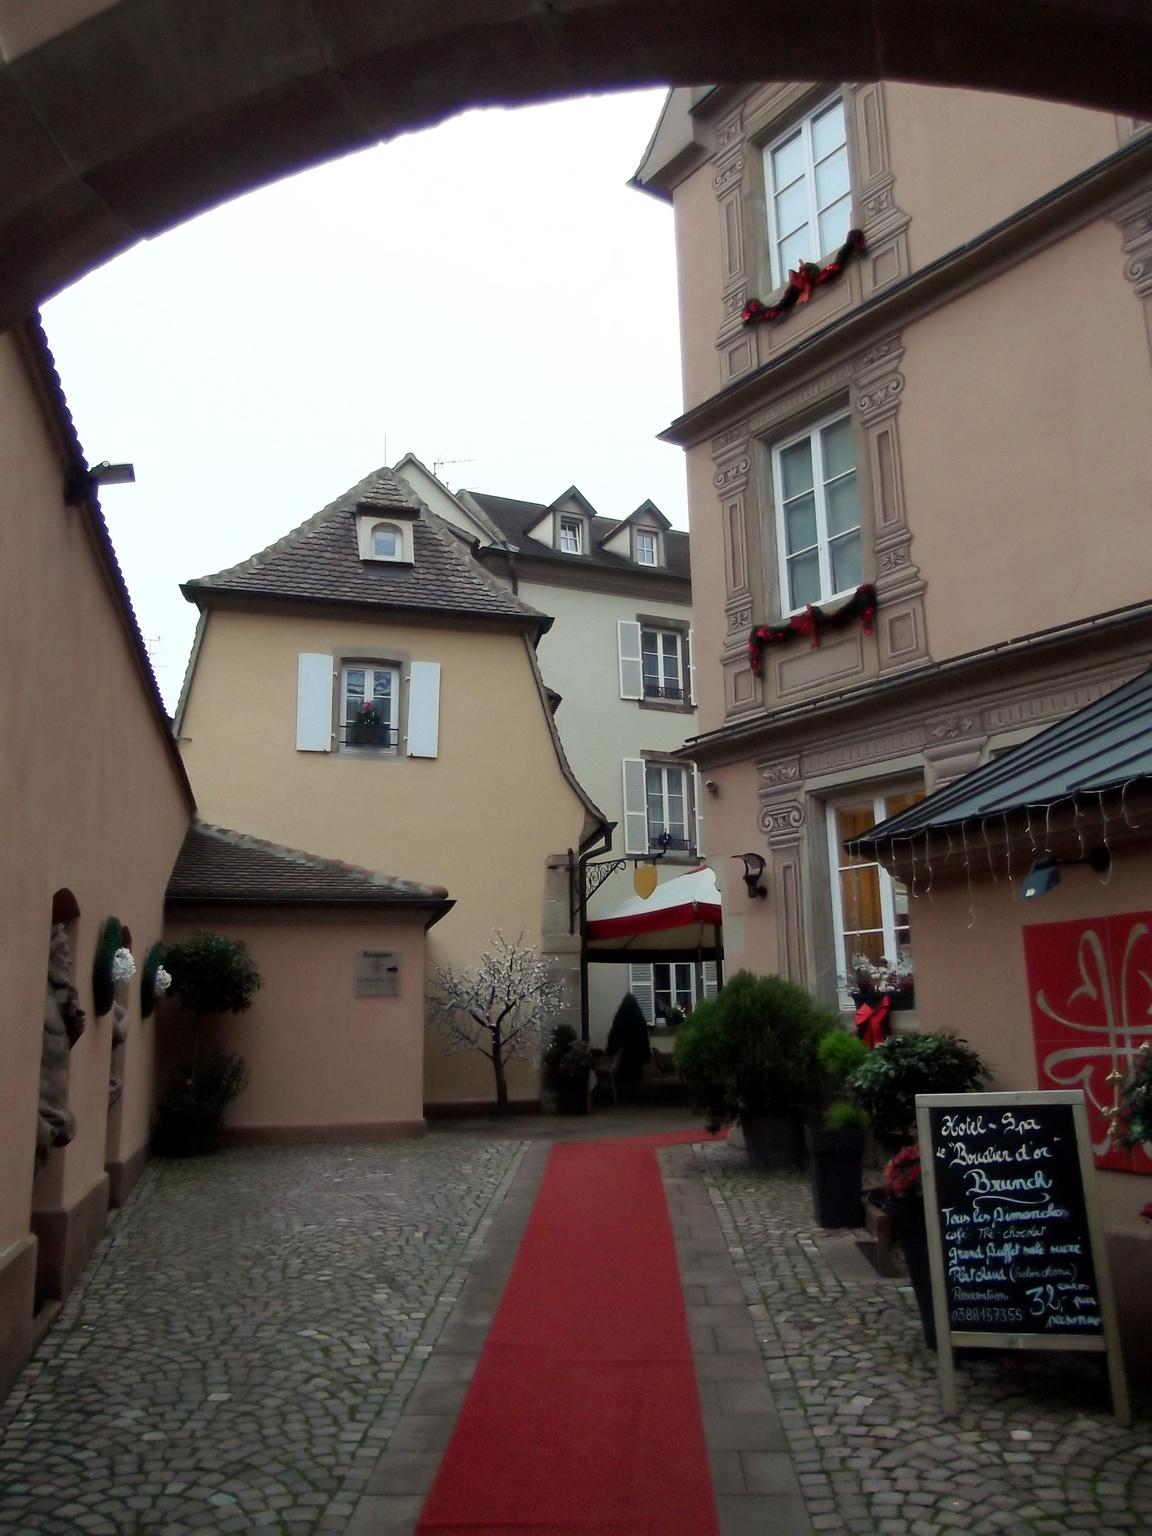 Le Jardin Secret Wantzenau Inspirant Photos Maisons De Strasbourg Résultats De Recherche Retzlob